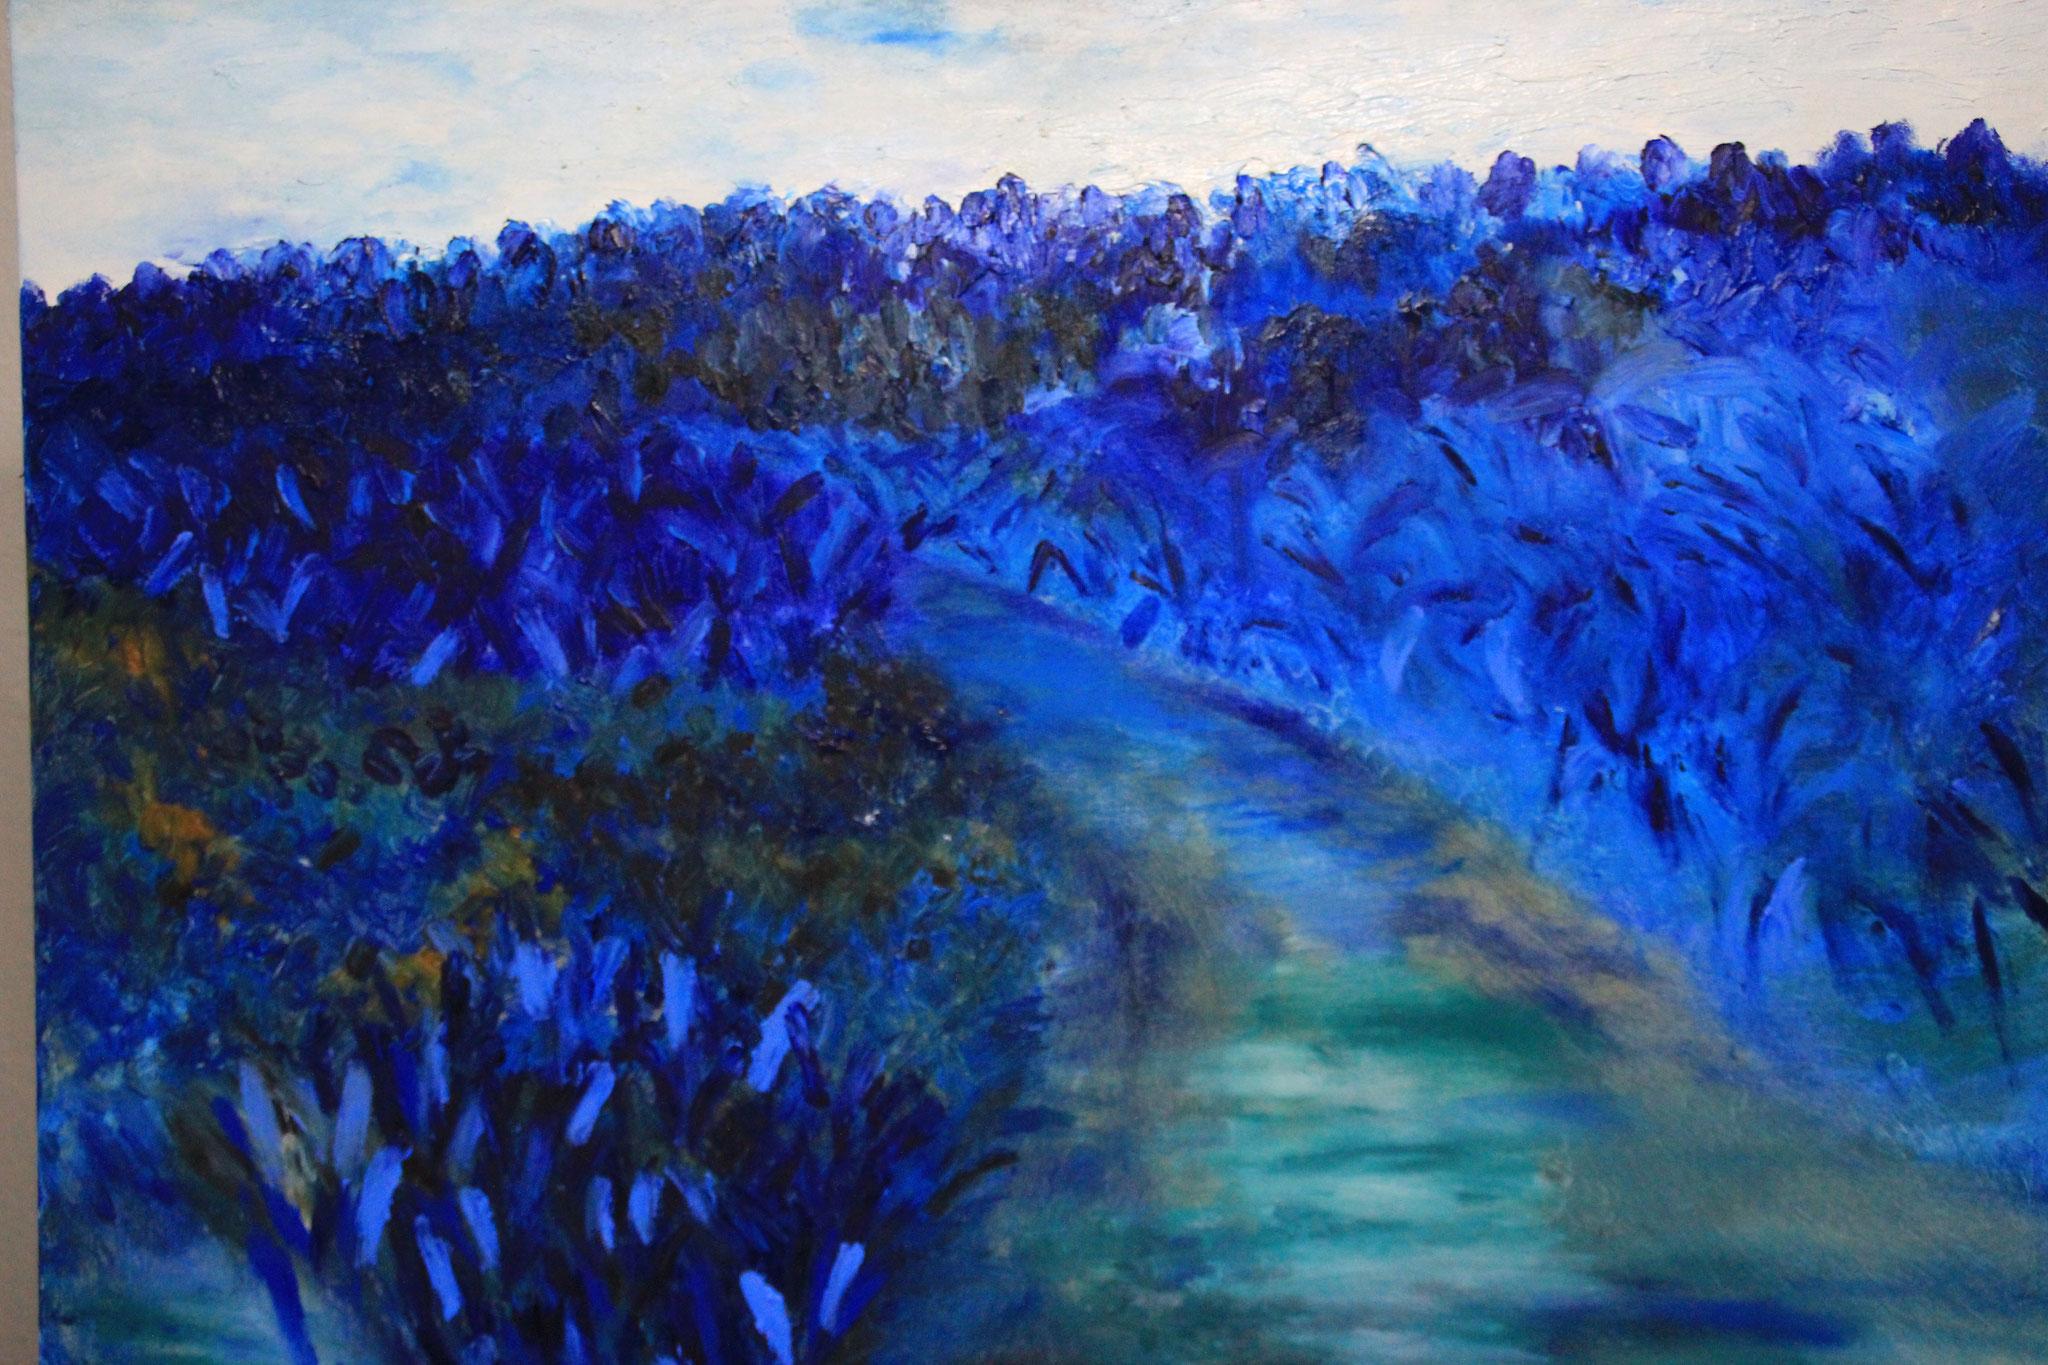 Blauwe pad in het bos, olieverf, 2019, 100-80 cm